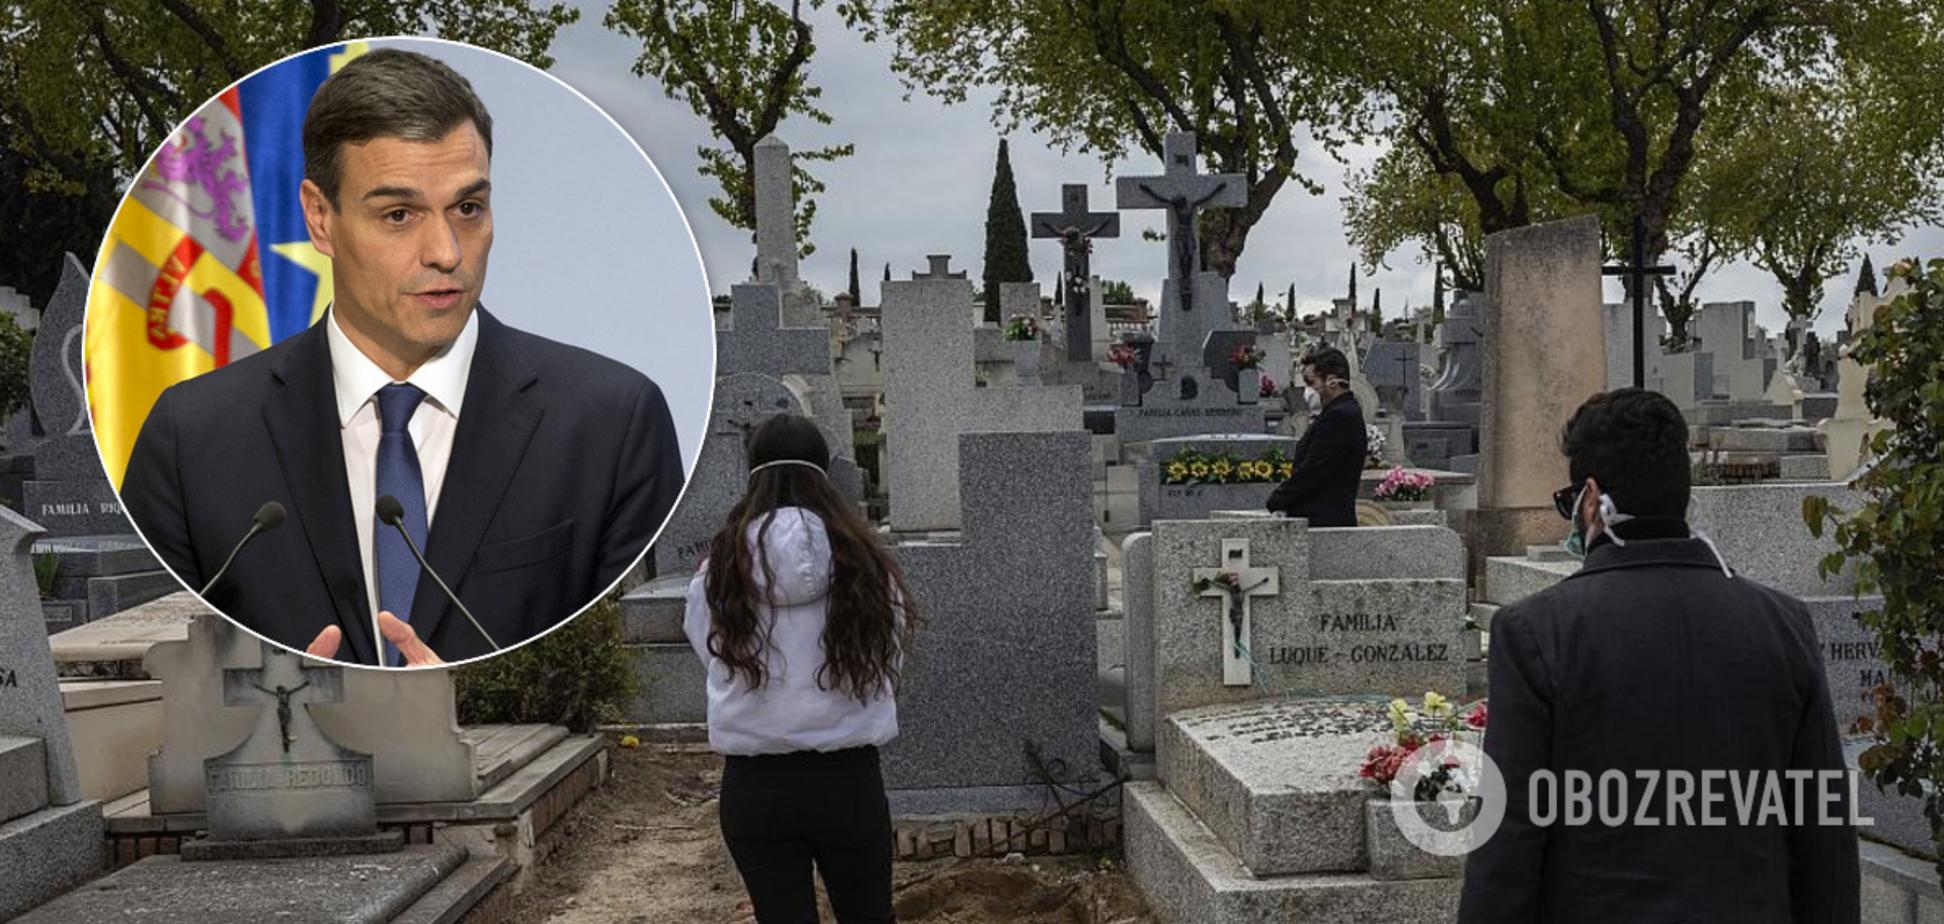 Обвиняют власть в смертях родственников: тысячи испанцев обратились в суд из-за COVID-19